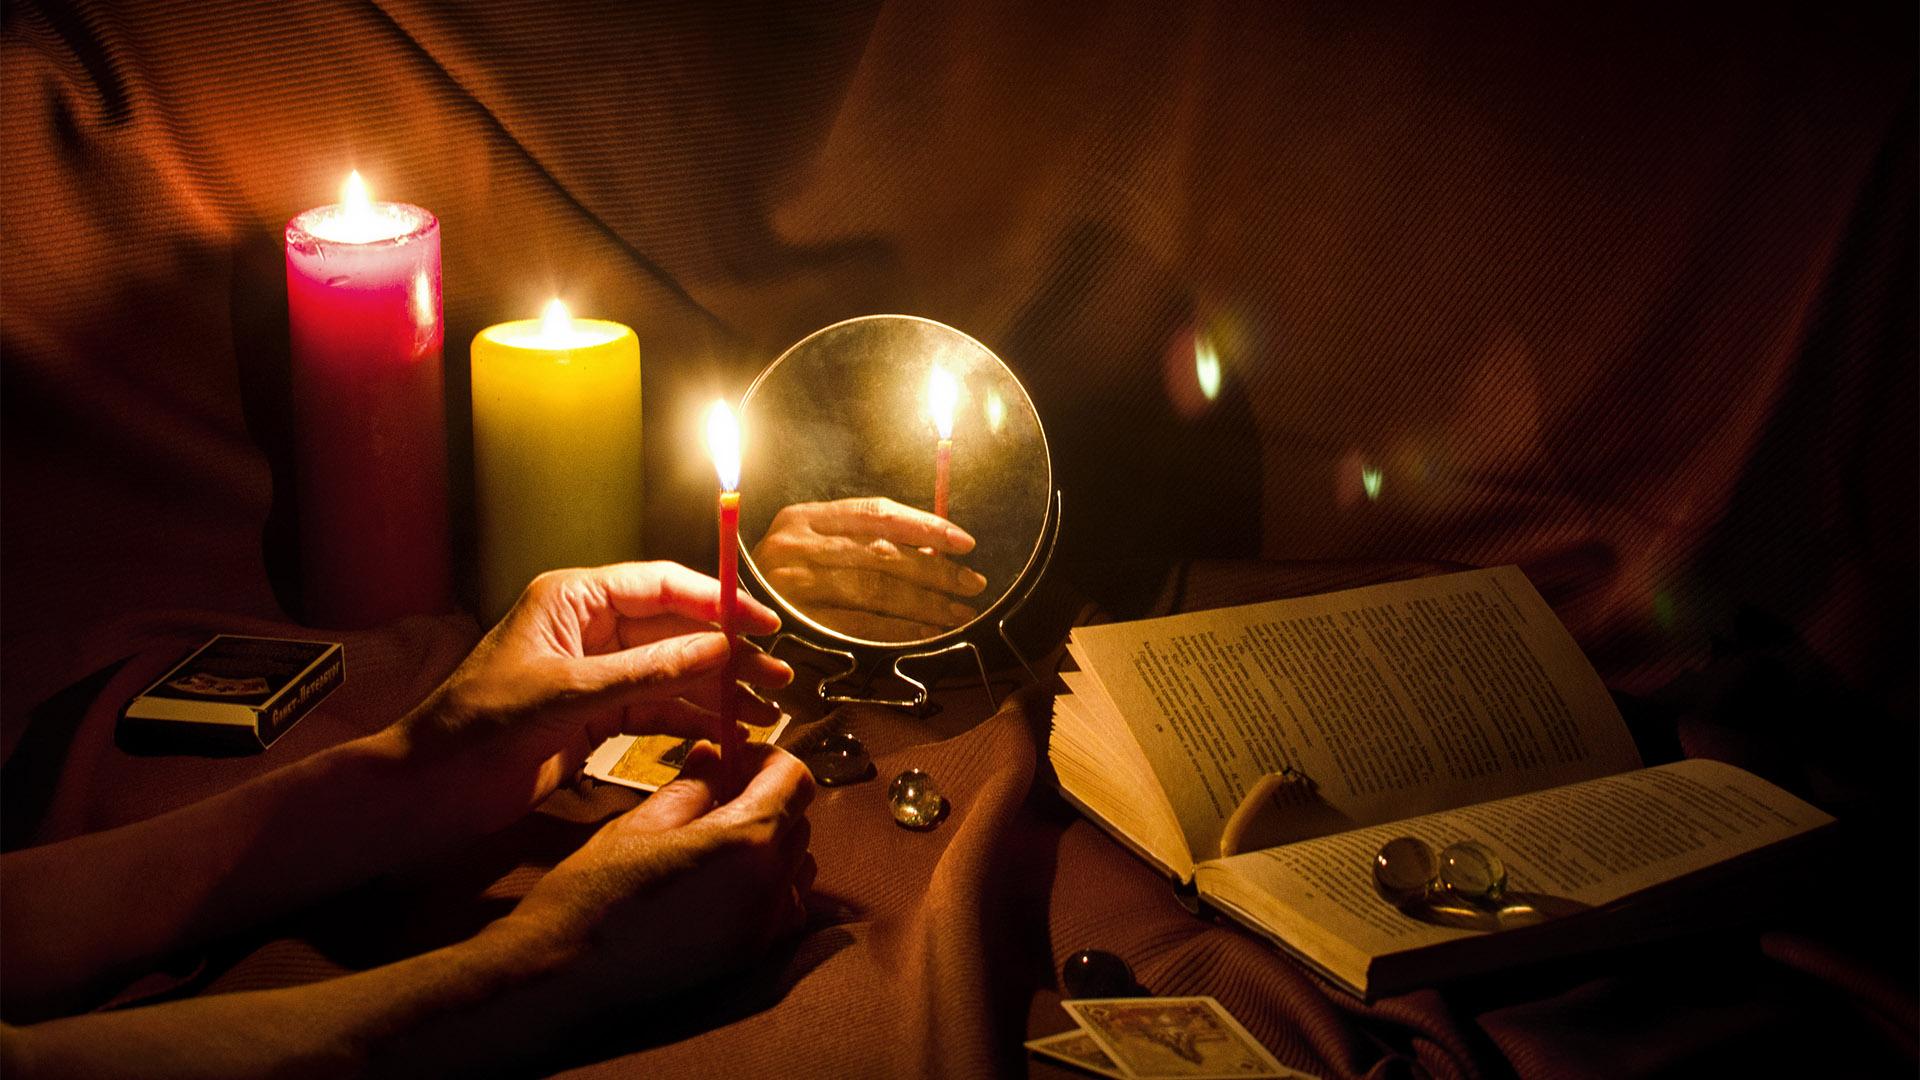 jövőbe pillantás léleksegítő melitta nyugodt álmok rózsavíz szerelmi varázslások tükör mágiája tükörbabonák ványik dóra